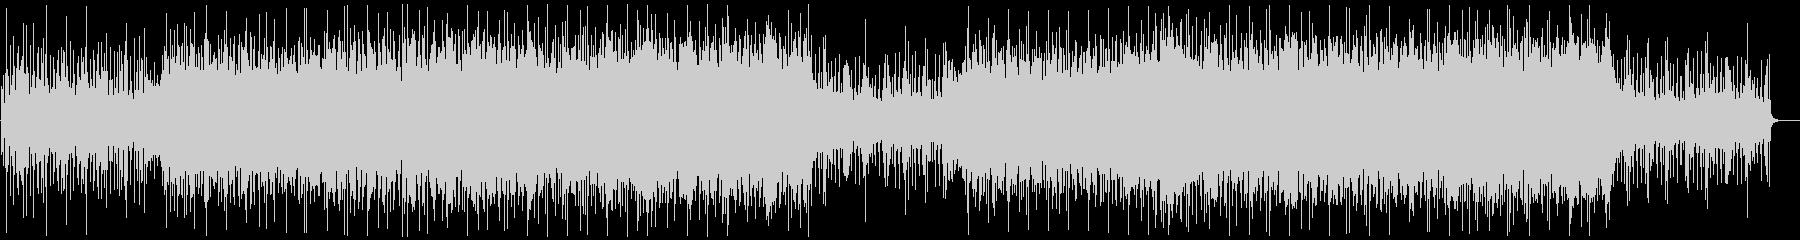 [Cool Western music BGM] Success, determination, decision's unreproduced waveform